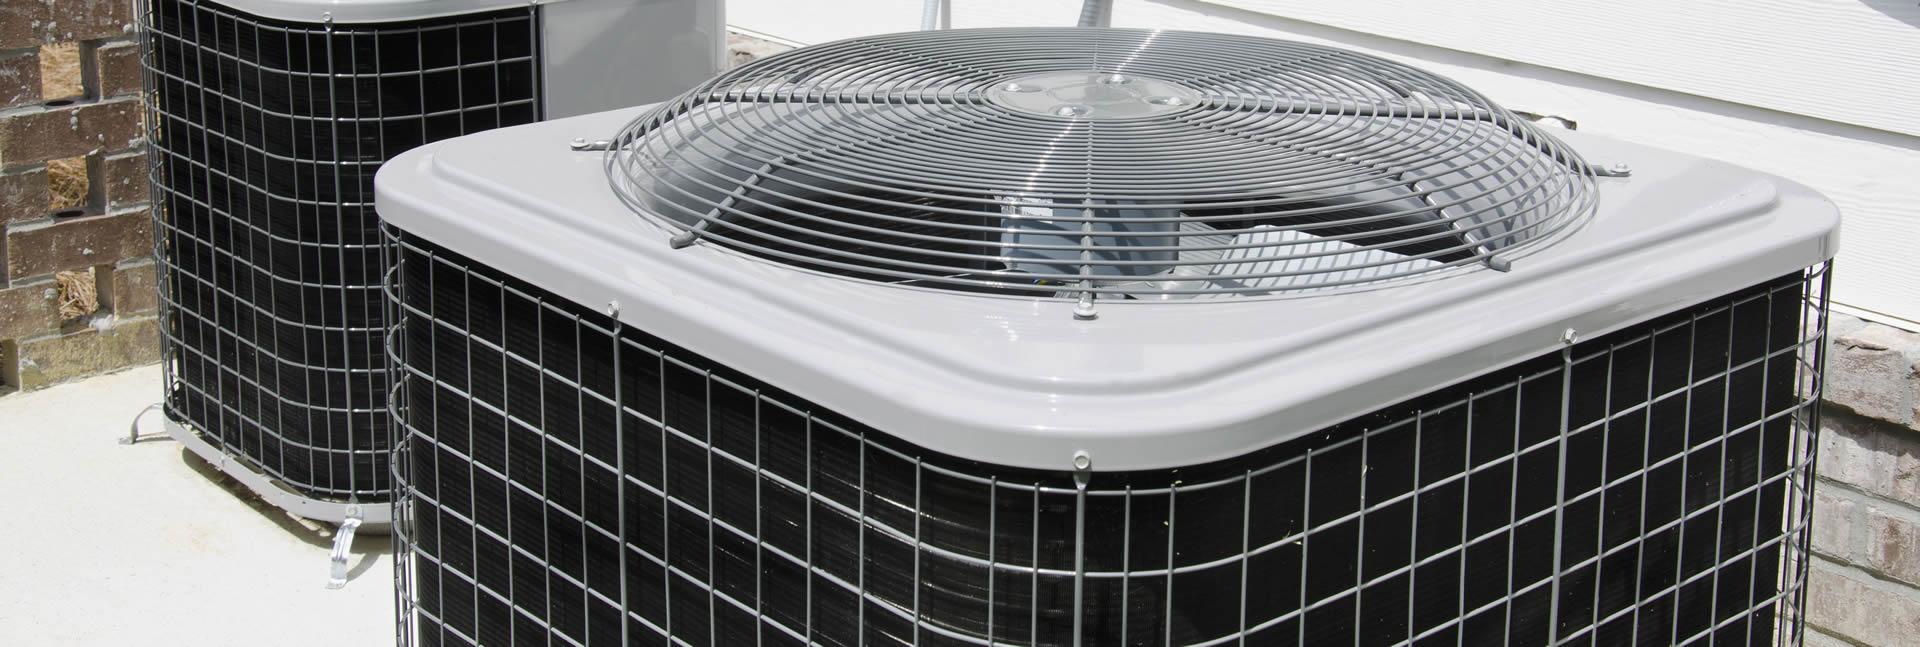 AC repair residential